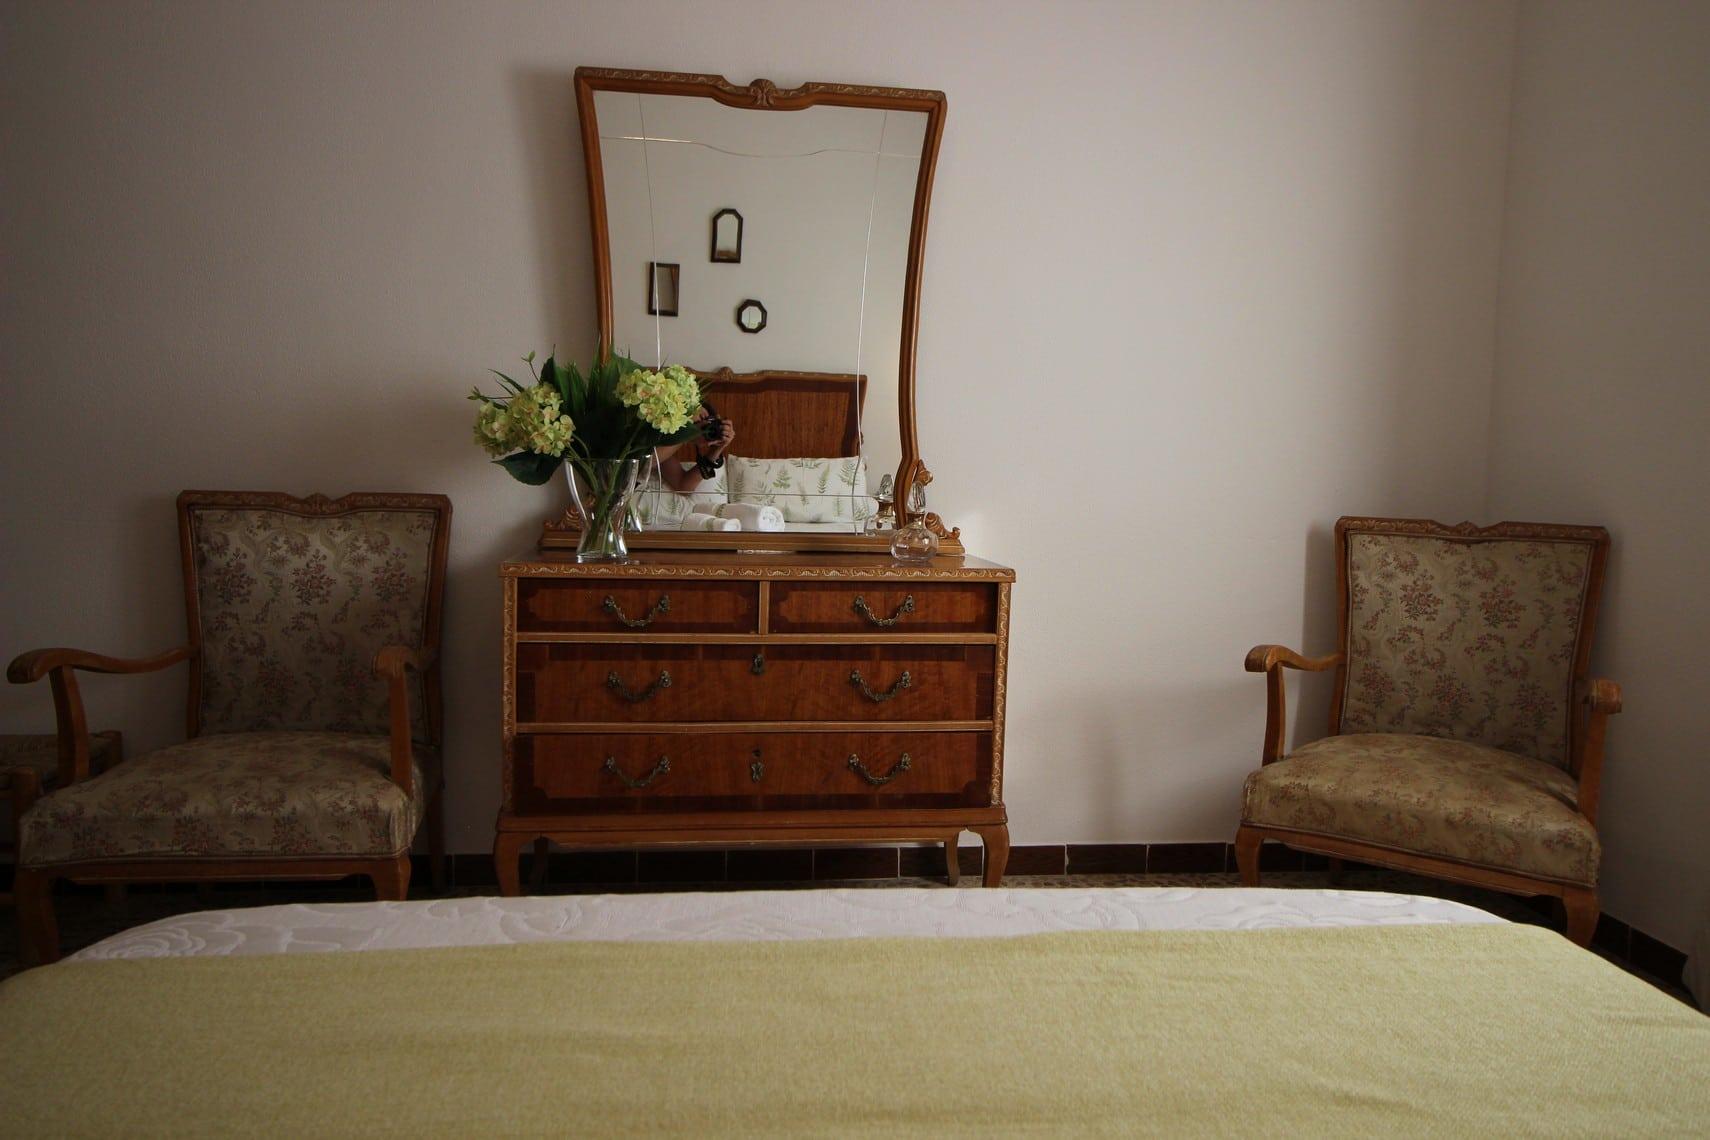 habitación2_las_hazas jarandilla009